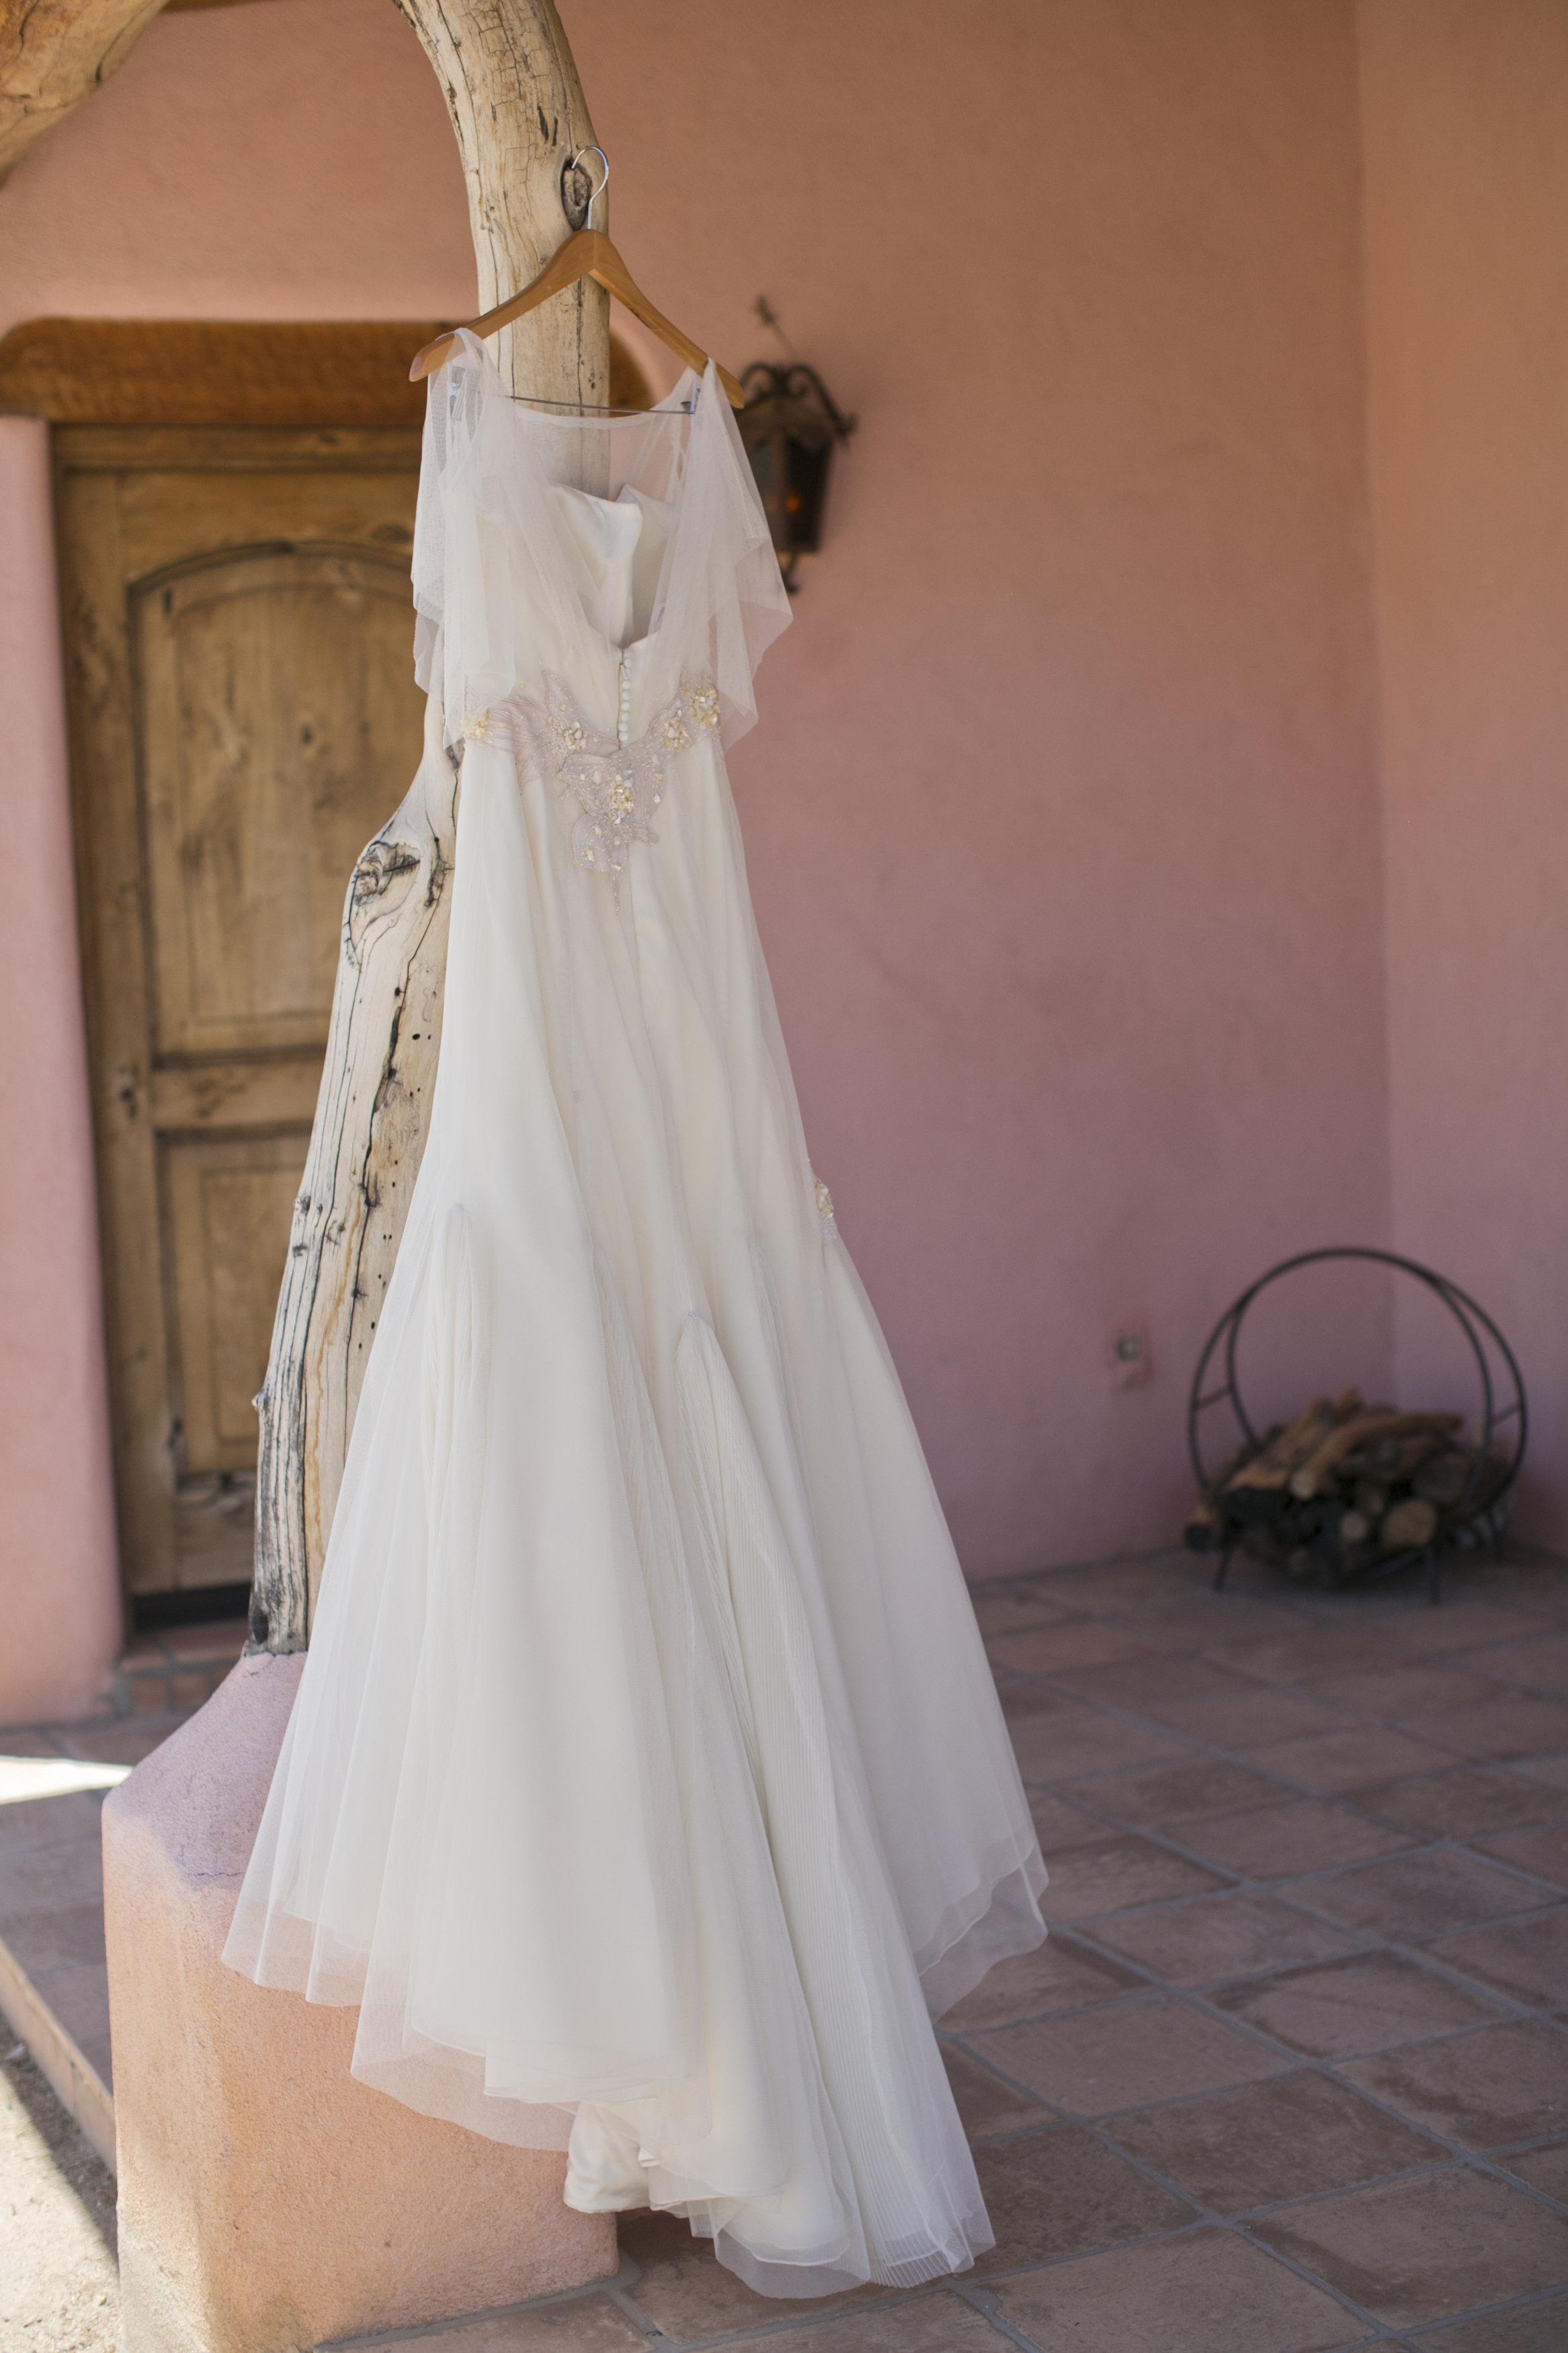 Ceci_New_York_Ceci_Style_Ceci_Johnson_Luxury_Lifestyle_Arizona_Wedding_Watercolor_Inspiration_Design_Custom_Couture_Personalized_Invitations_16.jpg